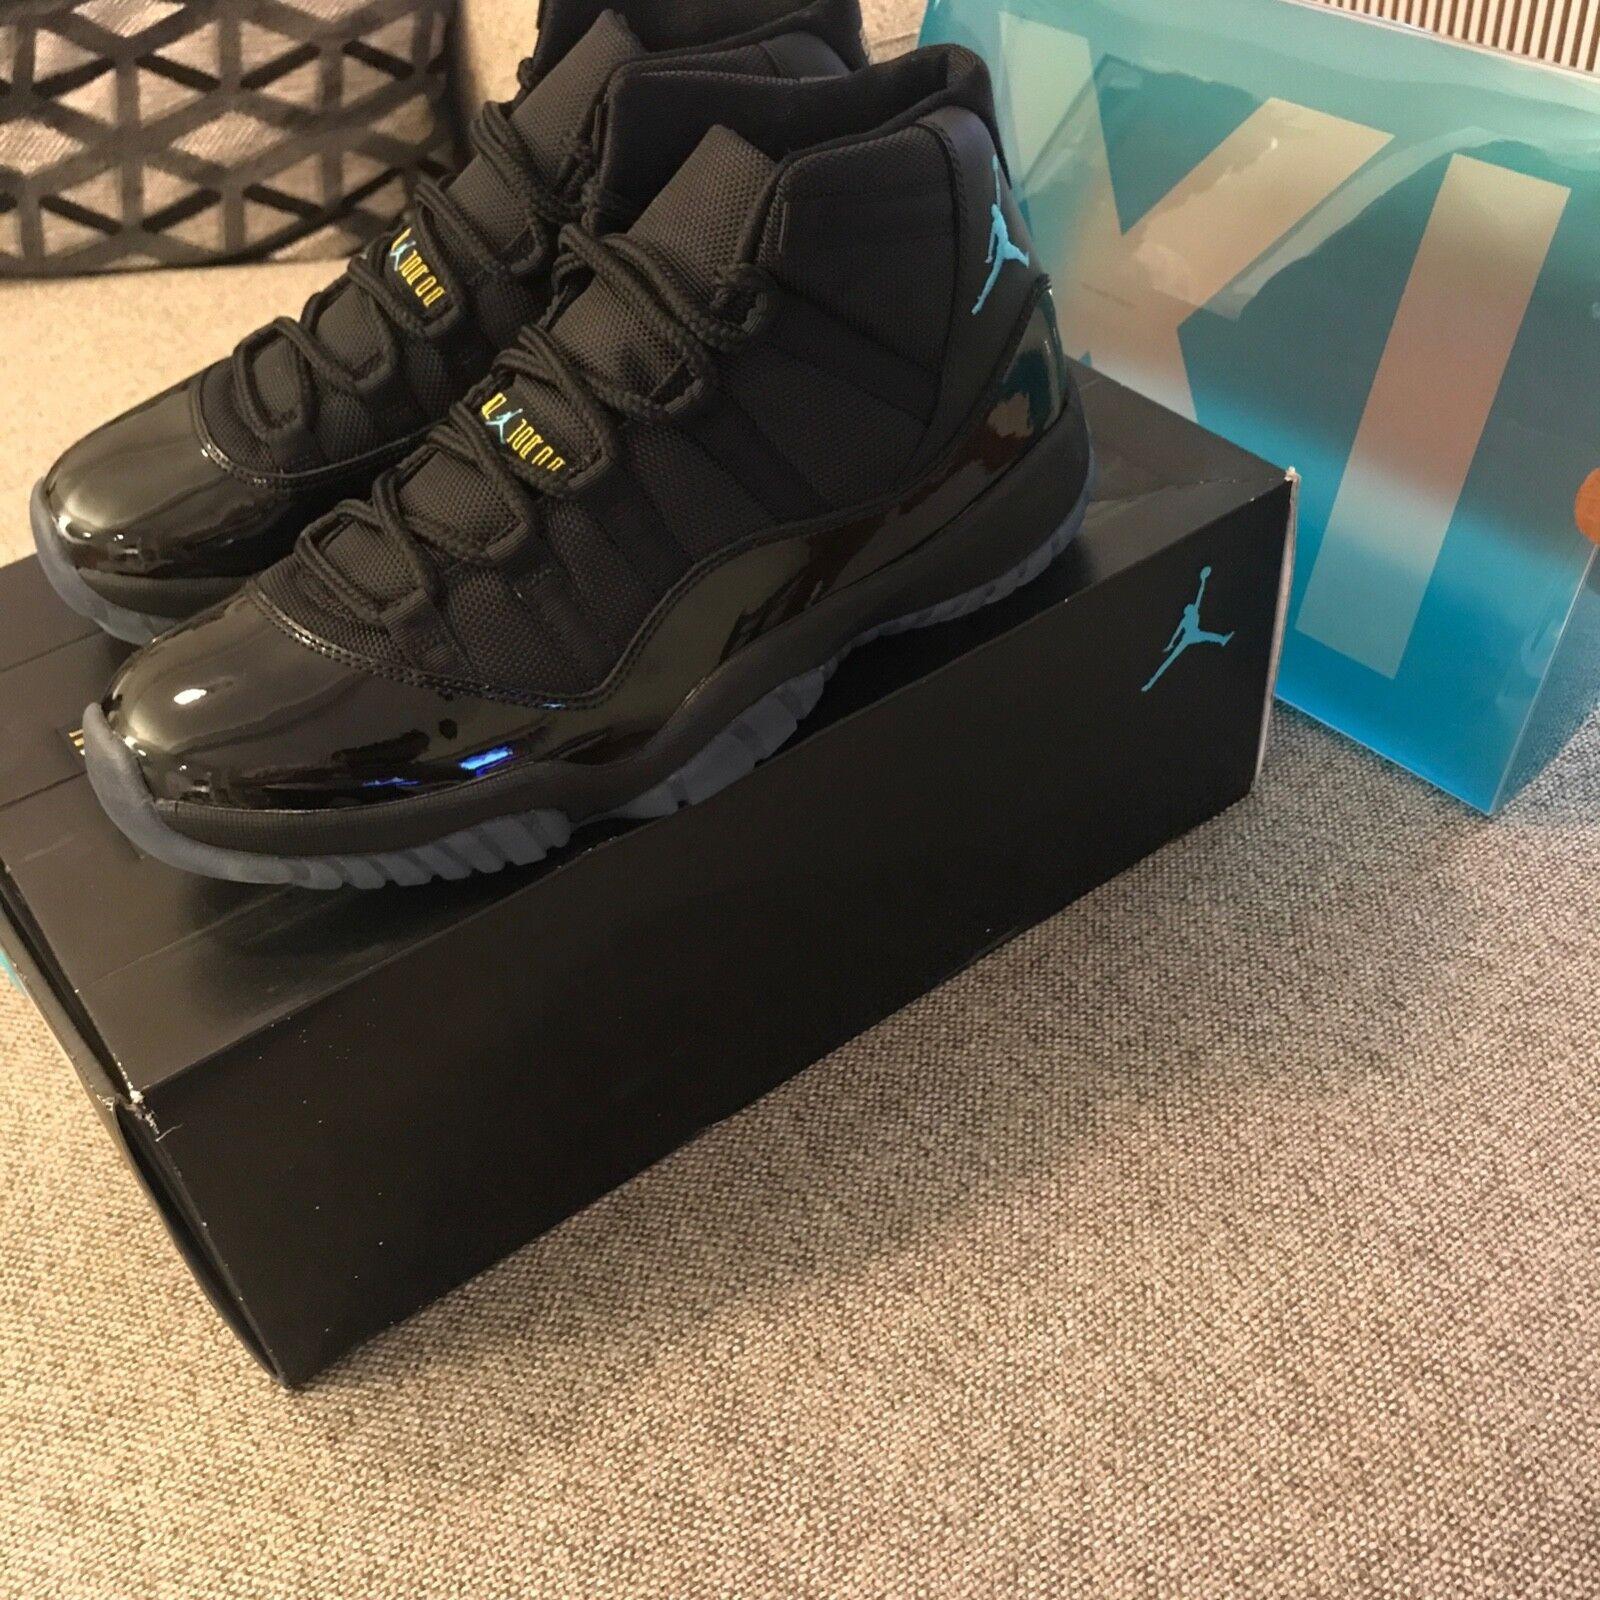 Nike Air Jordan 11 Gamma bluee Men's Size 10 DS Dead stock Style